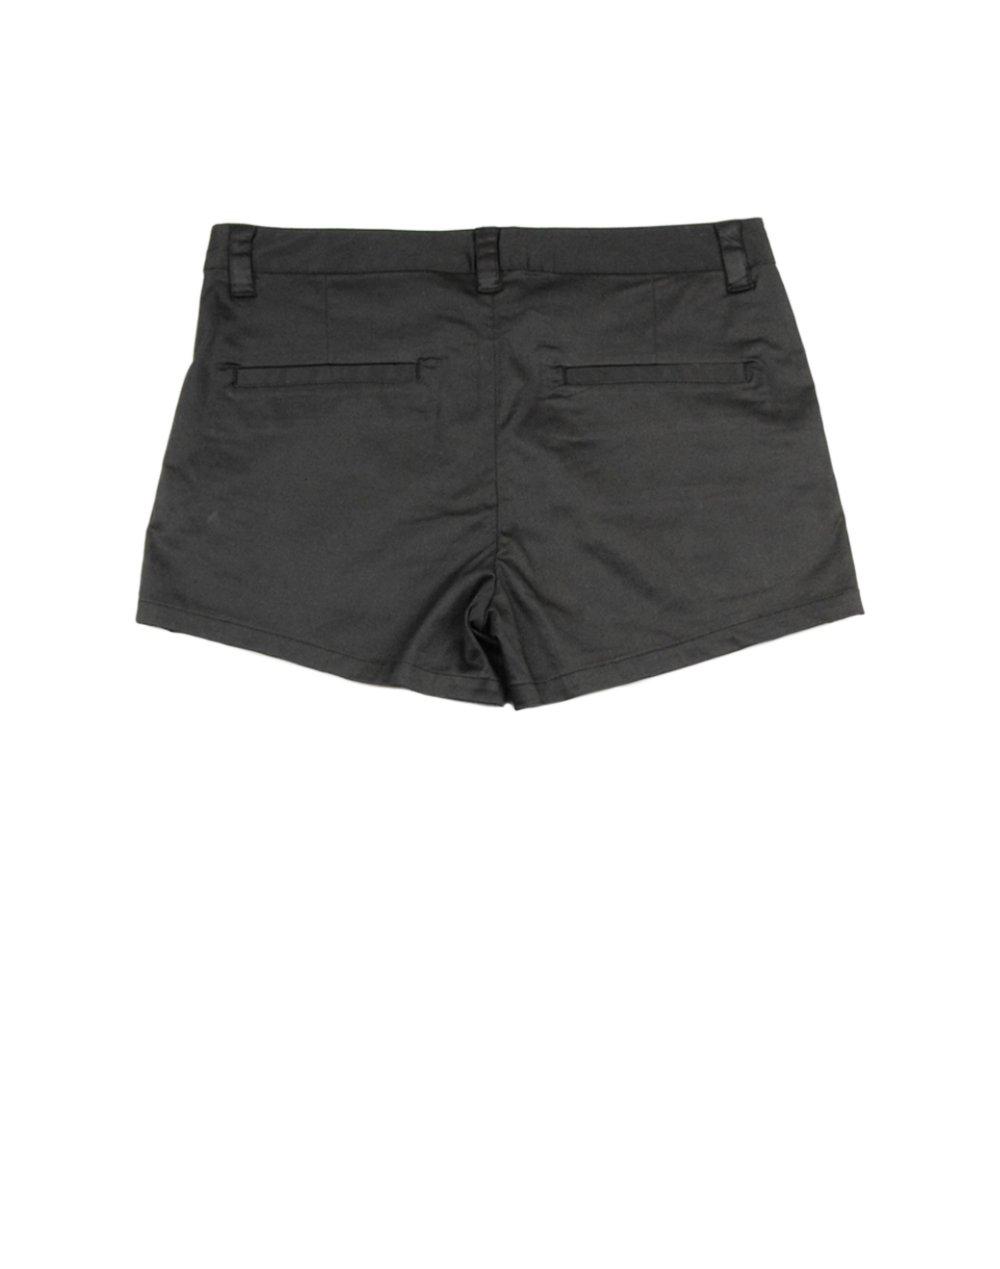 Wesc Montenegro Shorts Black (091WE-00282)